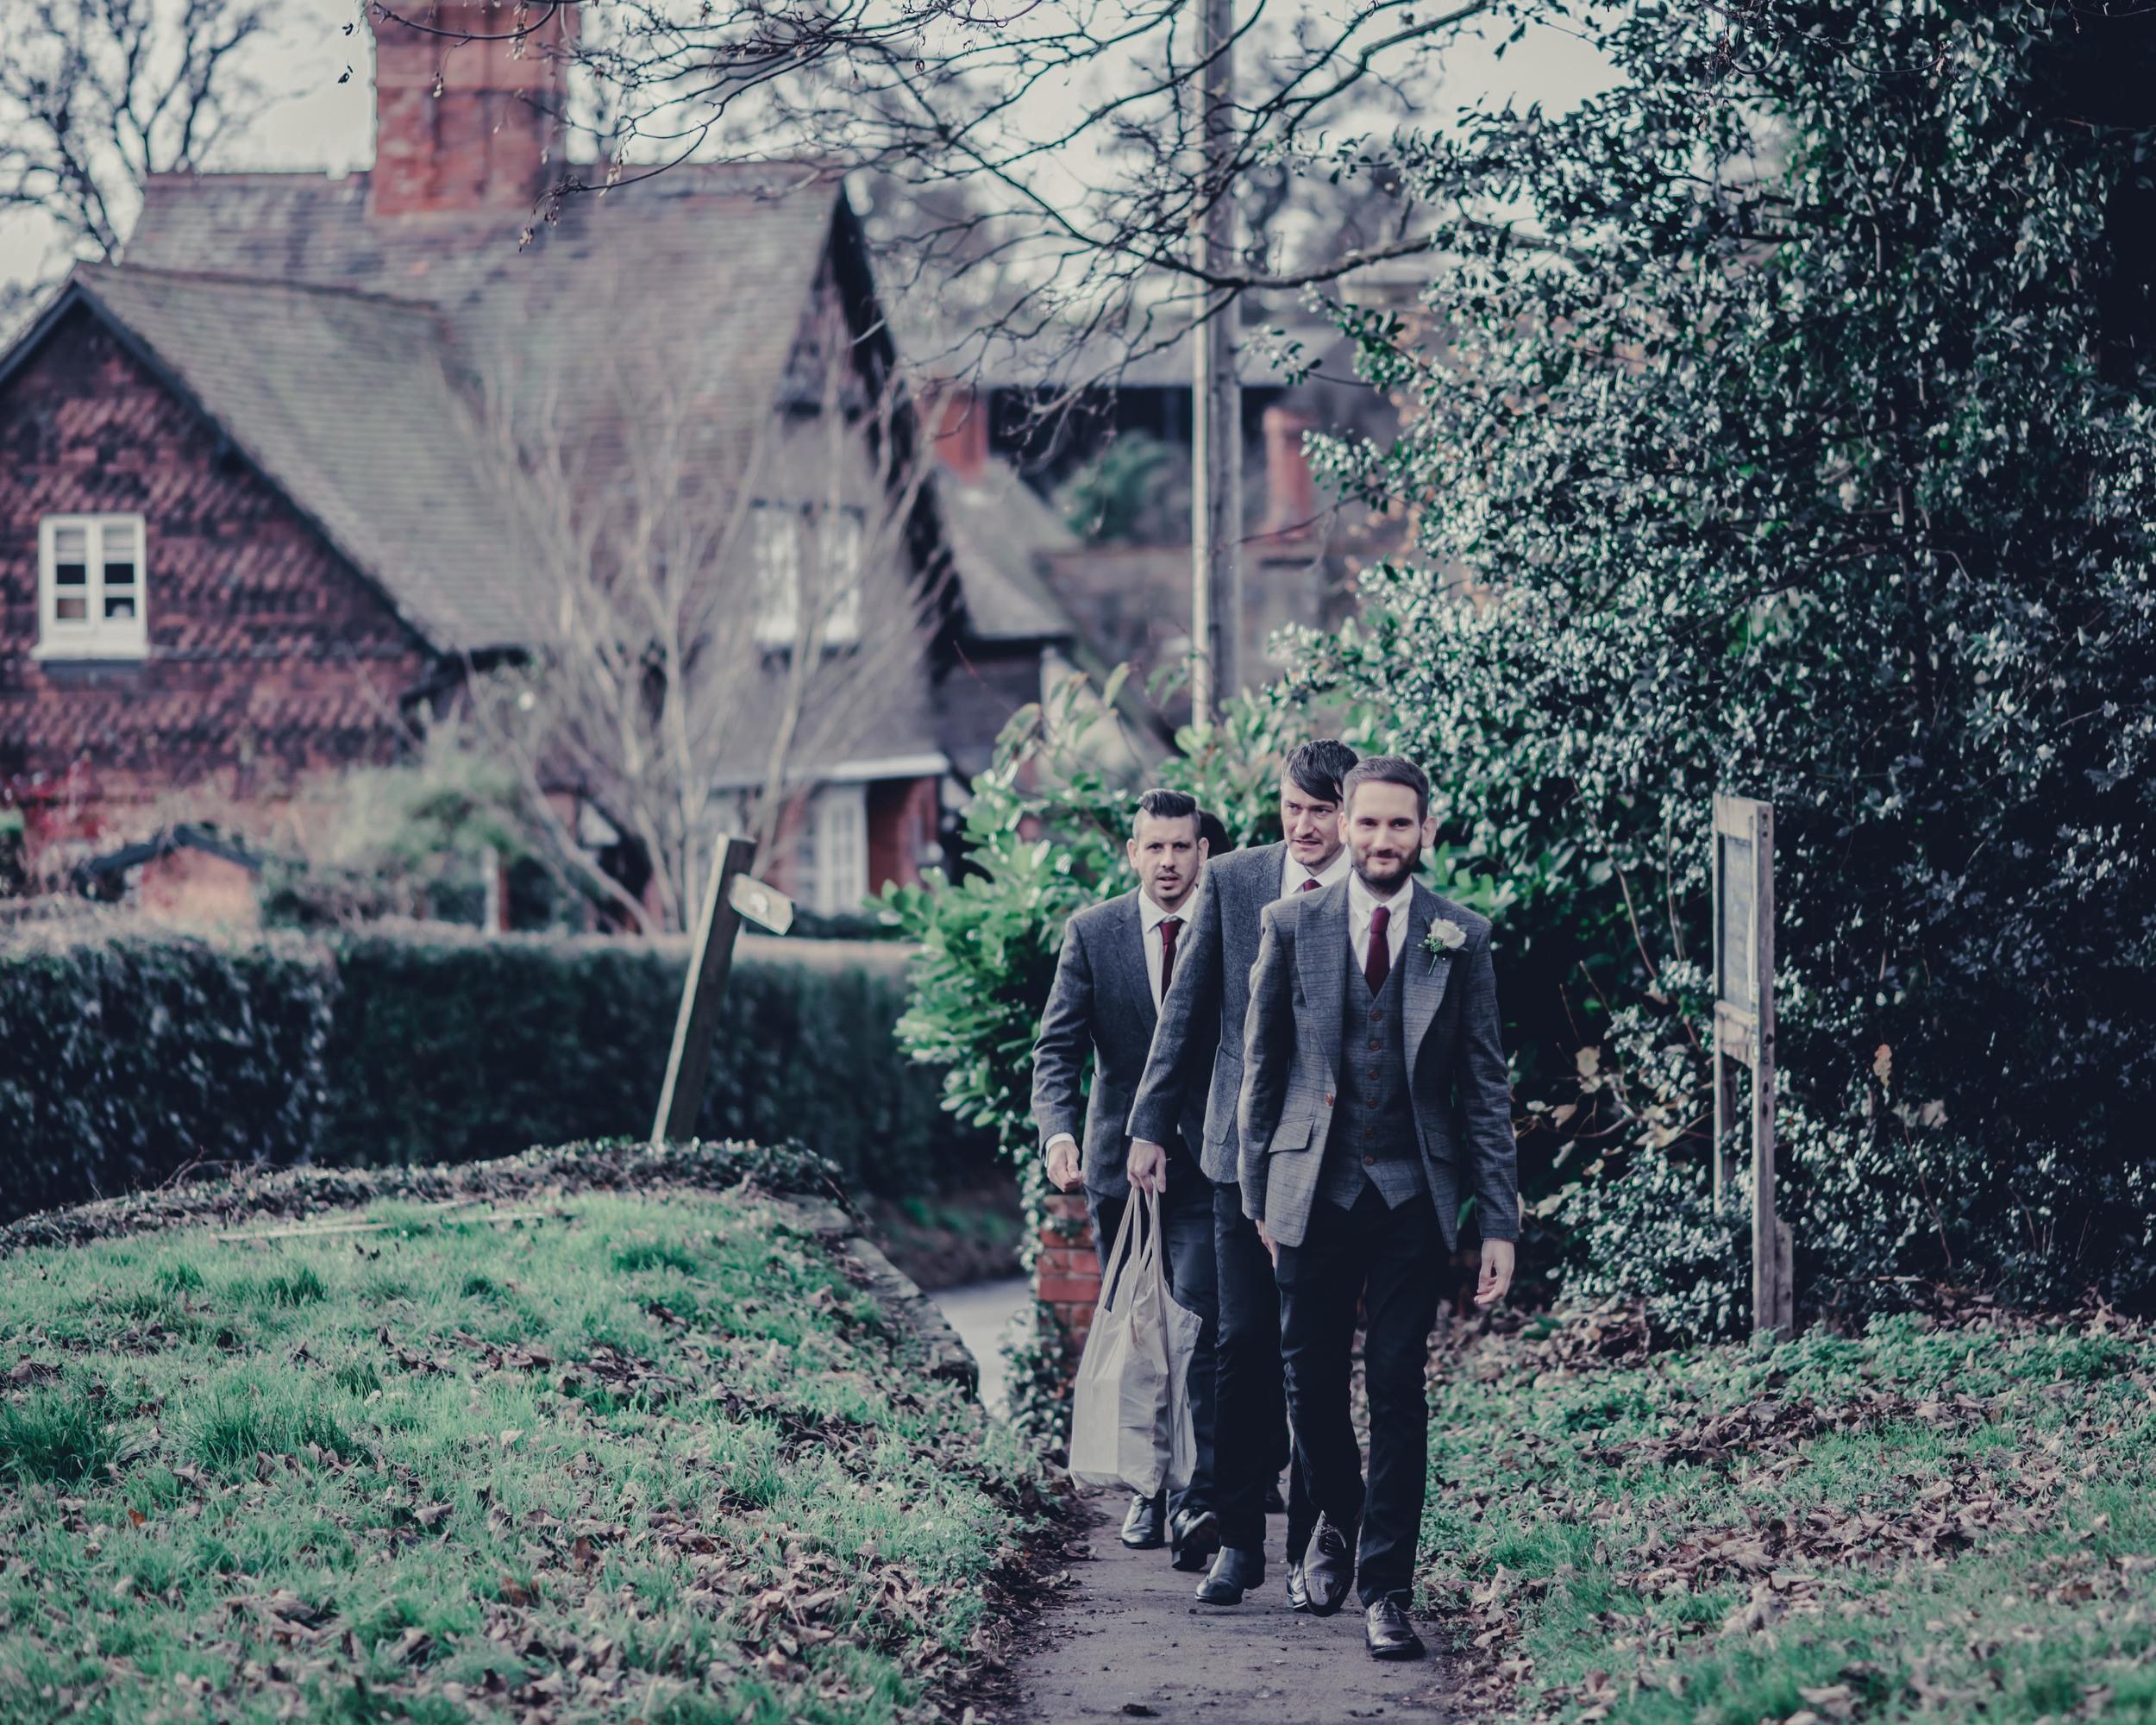 001 - Angela and Karls Wedding by www.markpugh.com -5669.jpg